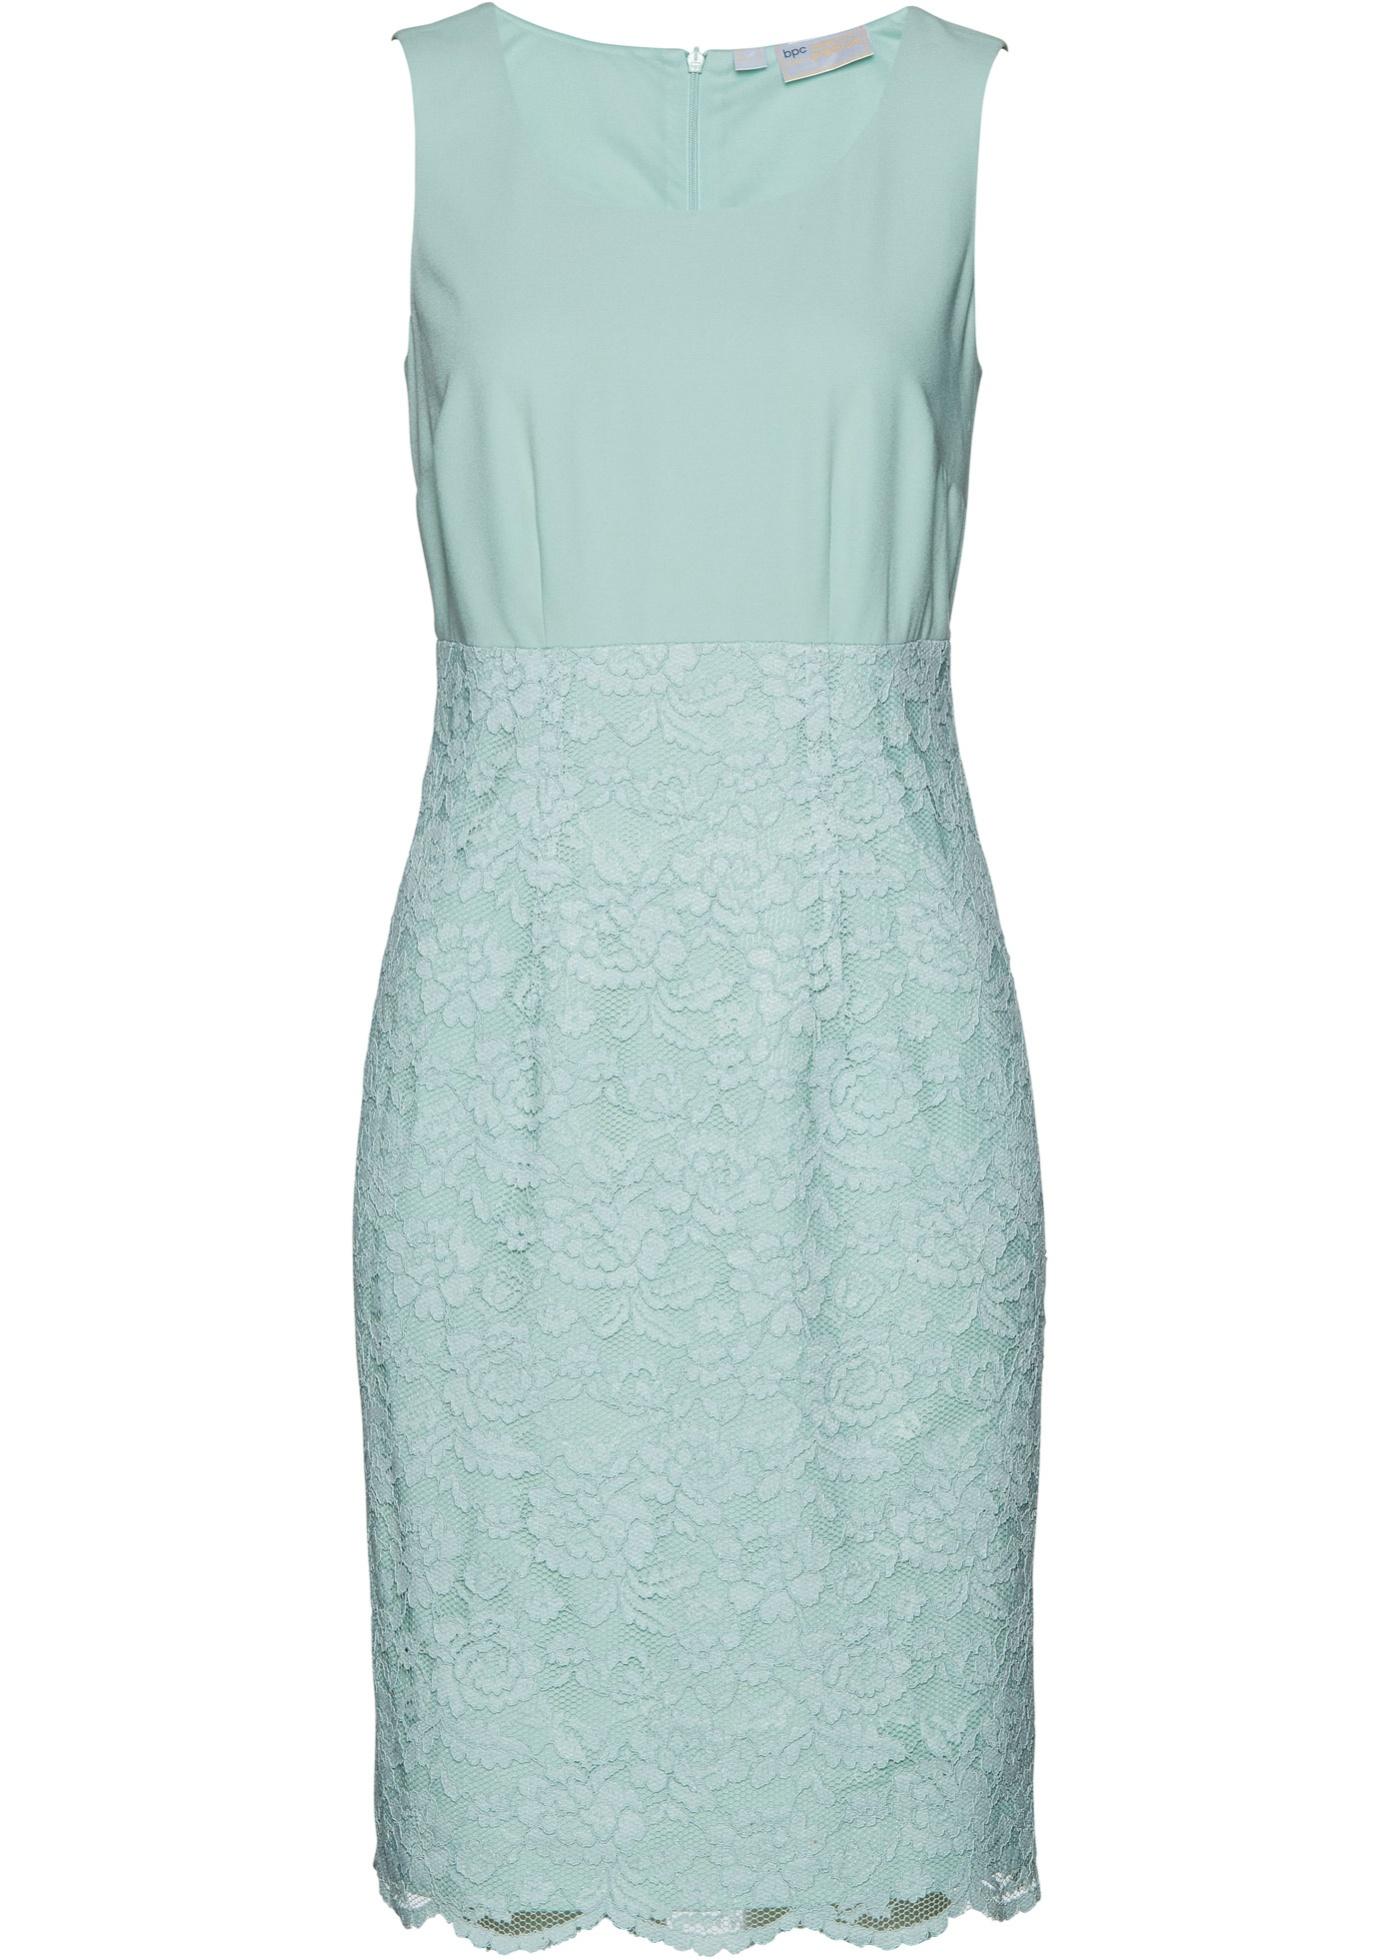 Levné Pouzdrové šaty s krajkou | Modrá barva šatů